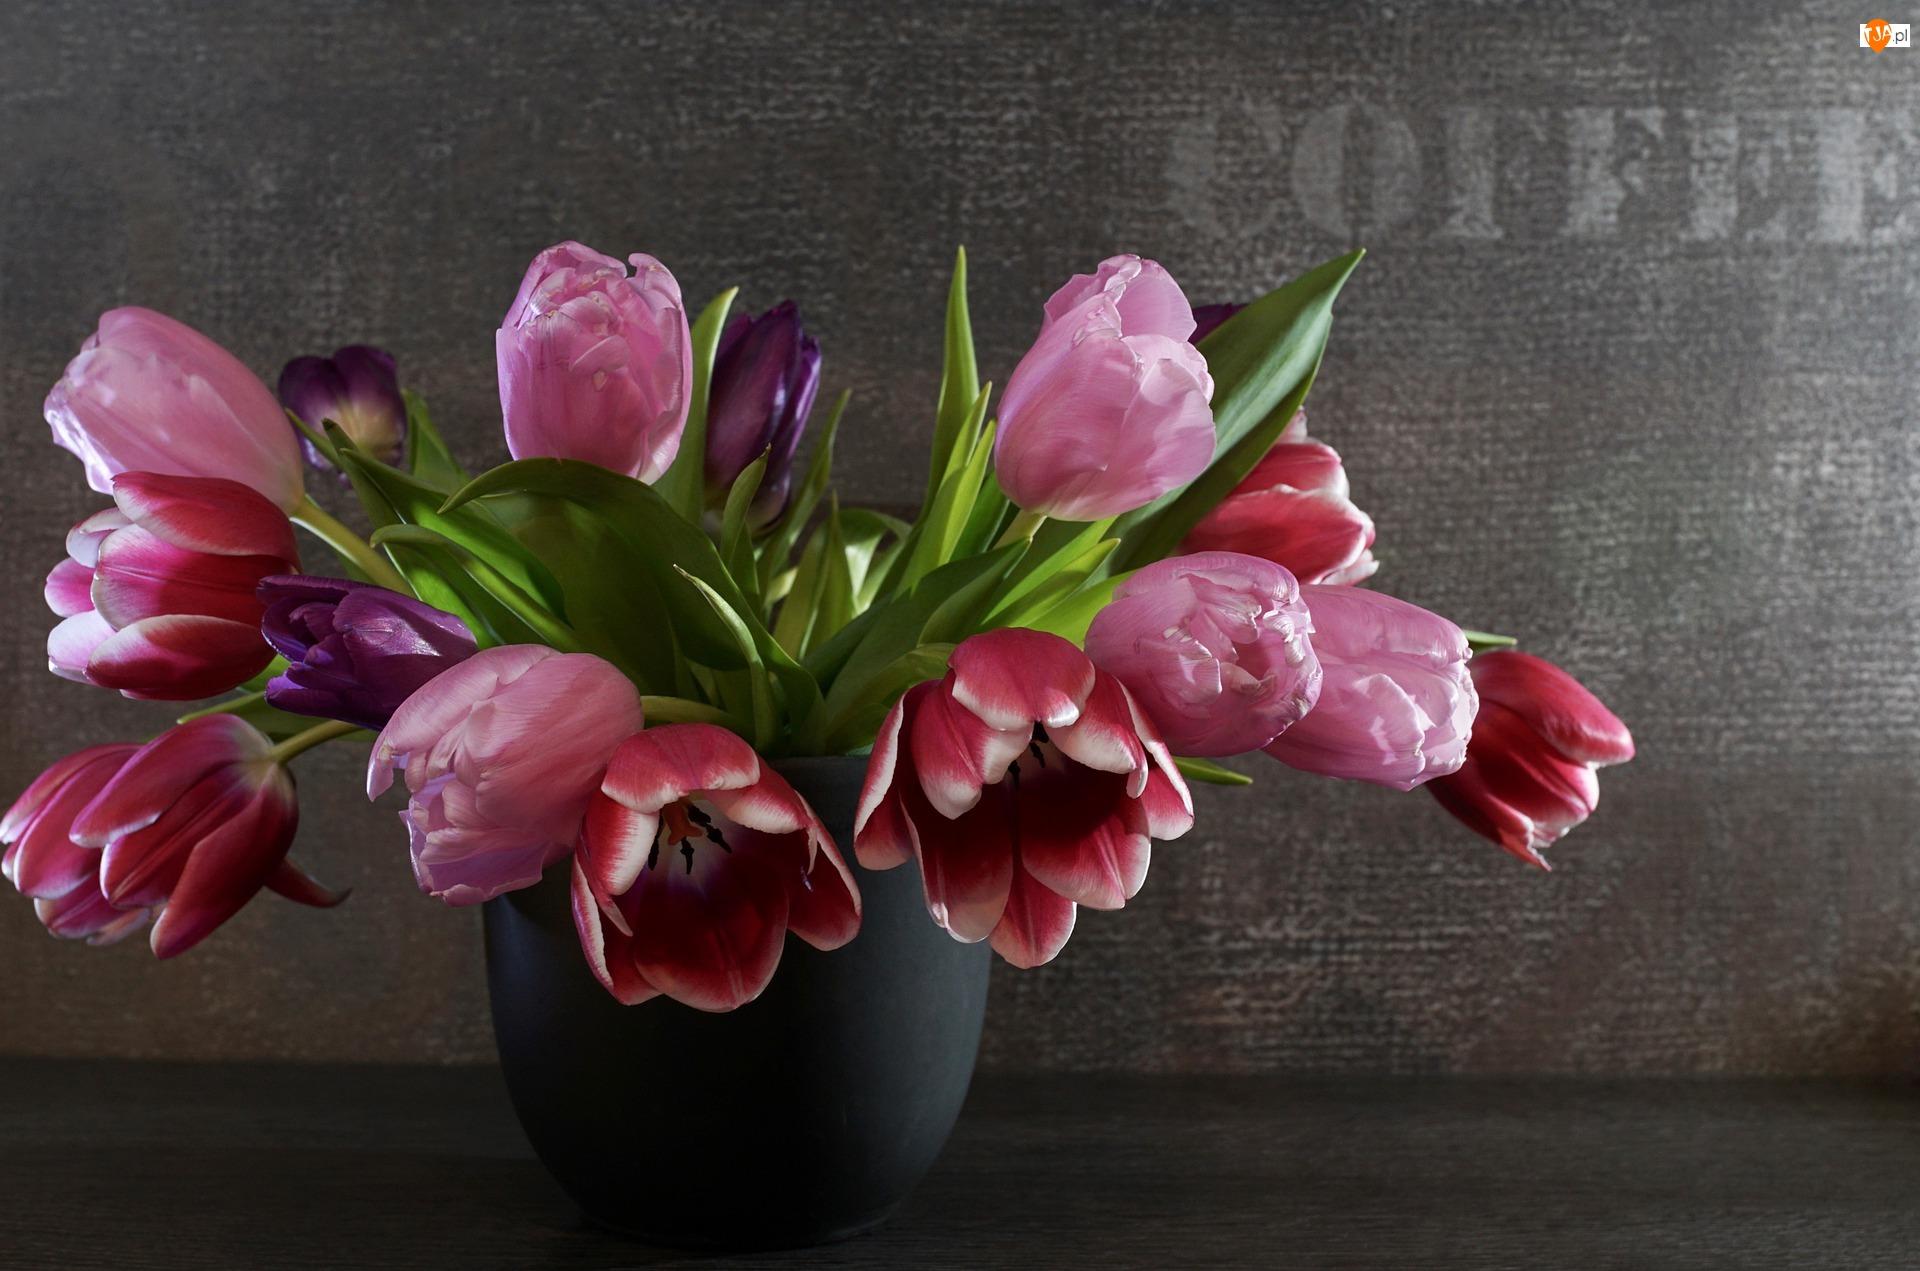 Tulipany, Kwiaty, Ciemne tło, Wazon, Bukiet, Napis